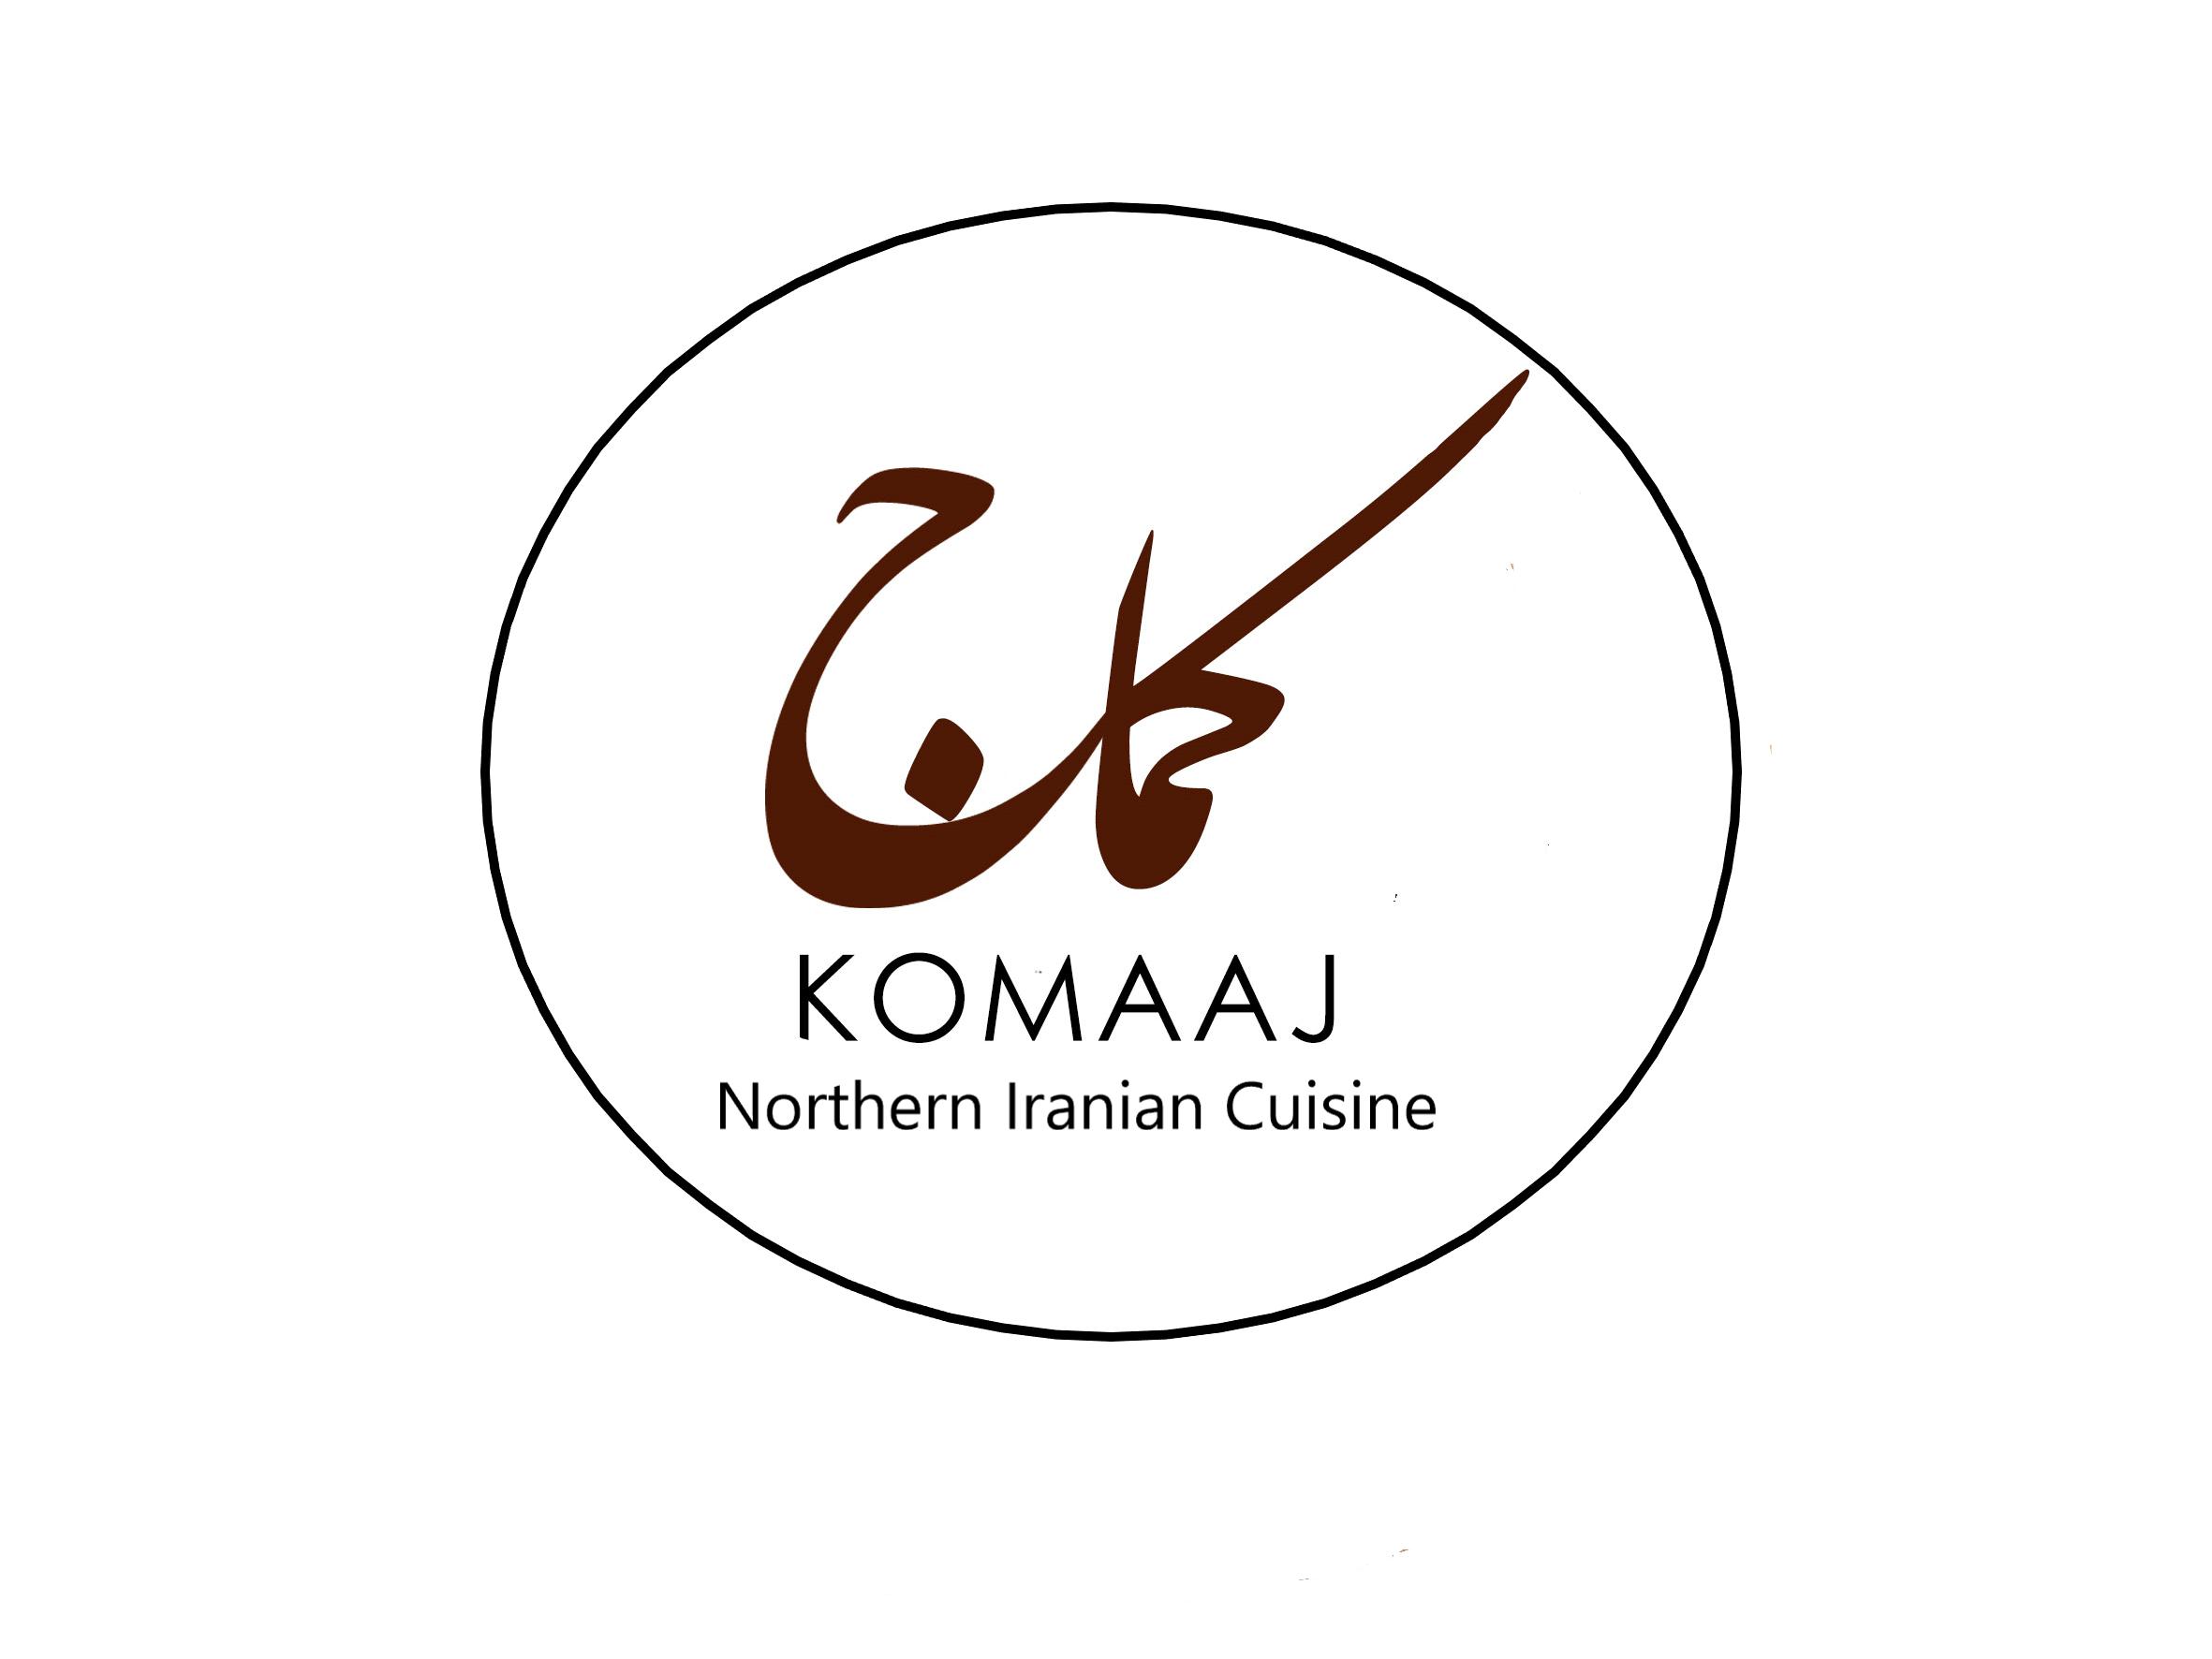 Komaaj